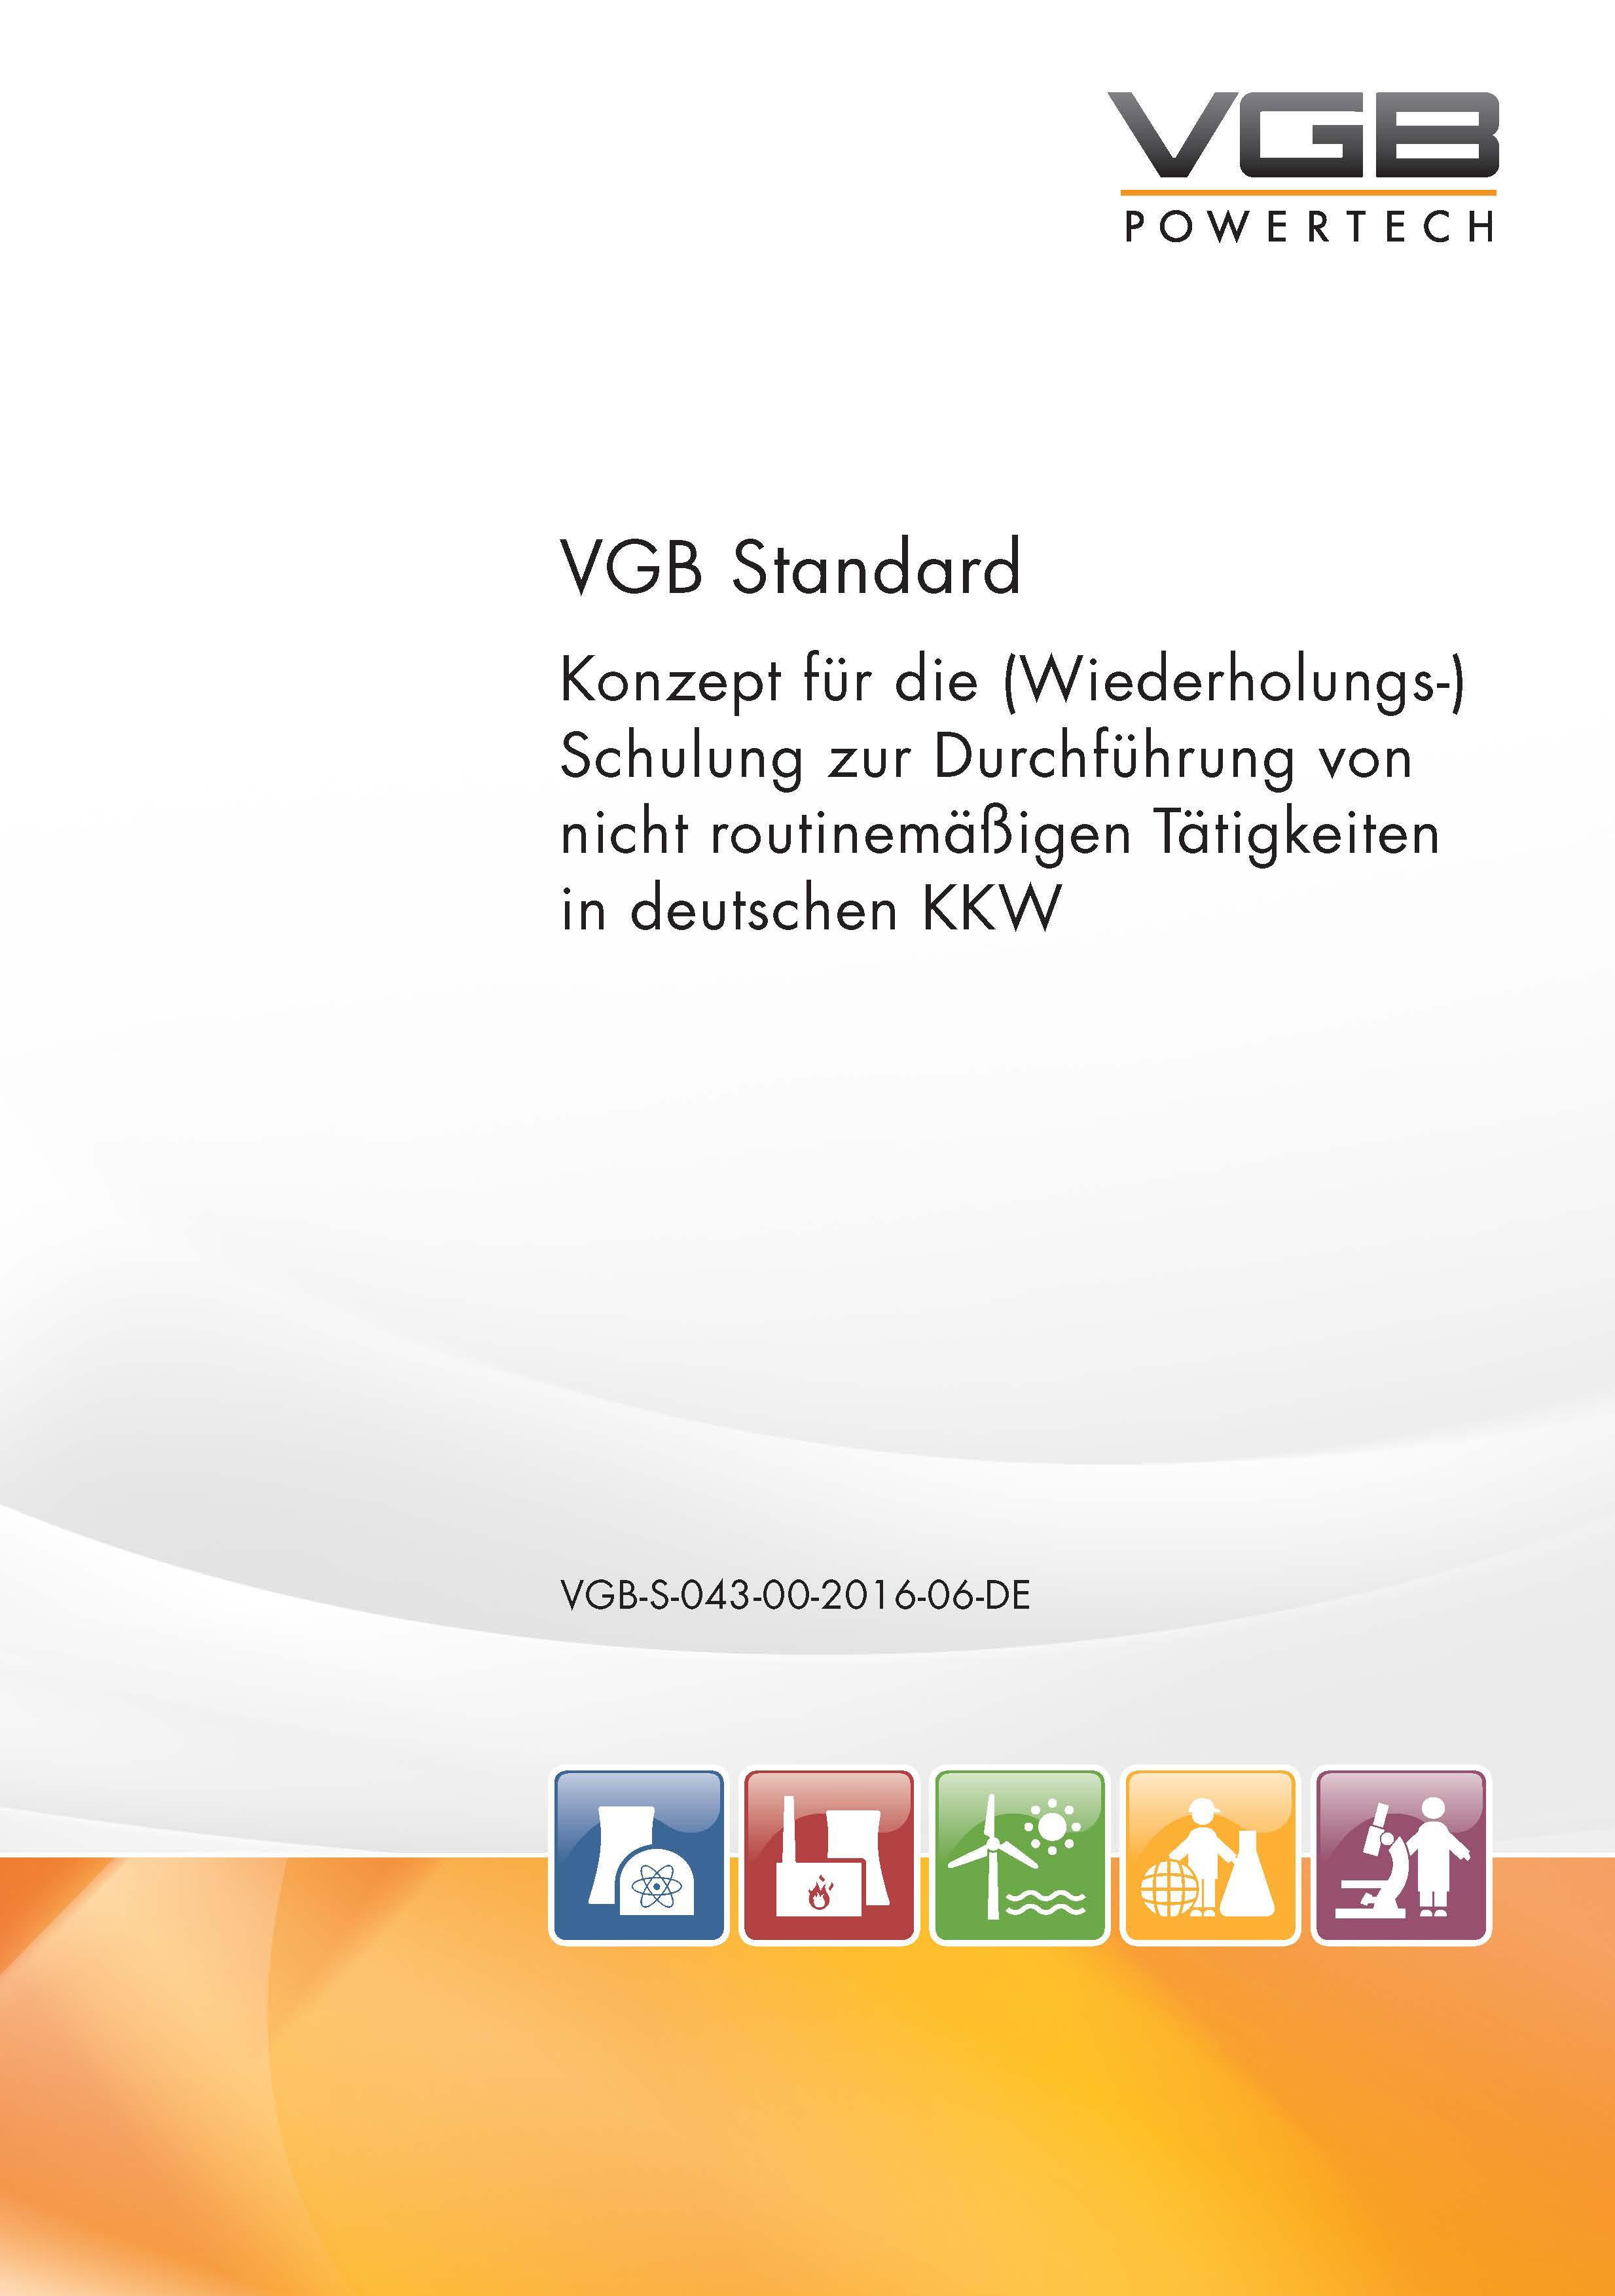 Konzept für die (Wiederholungs-)Schulung zur Durchführung von nicht routinemäßigen Tätigkeiten in deutschen KKW - eBook